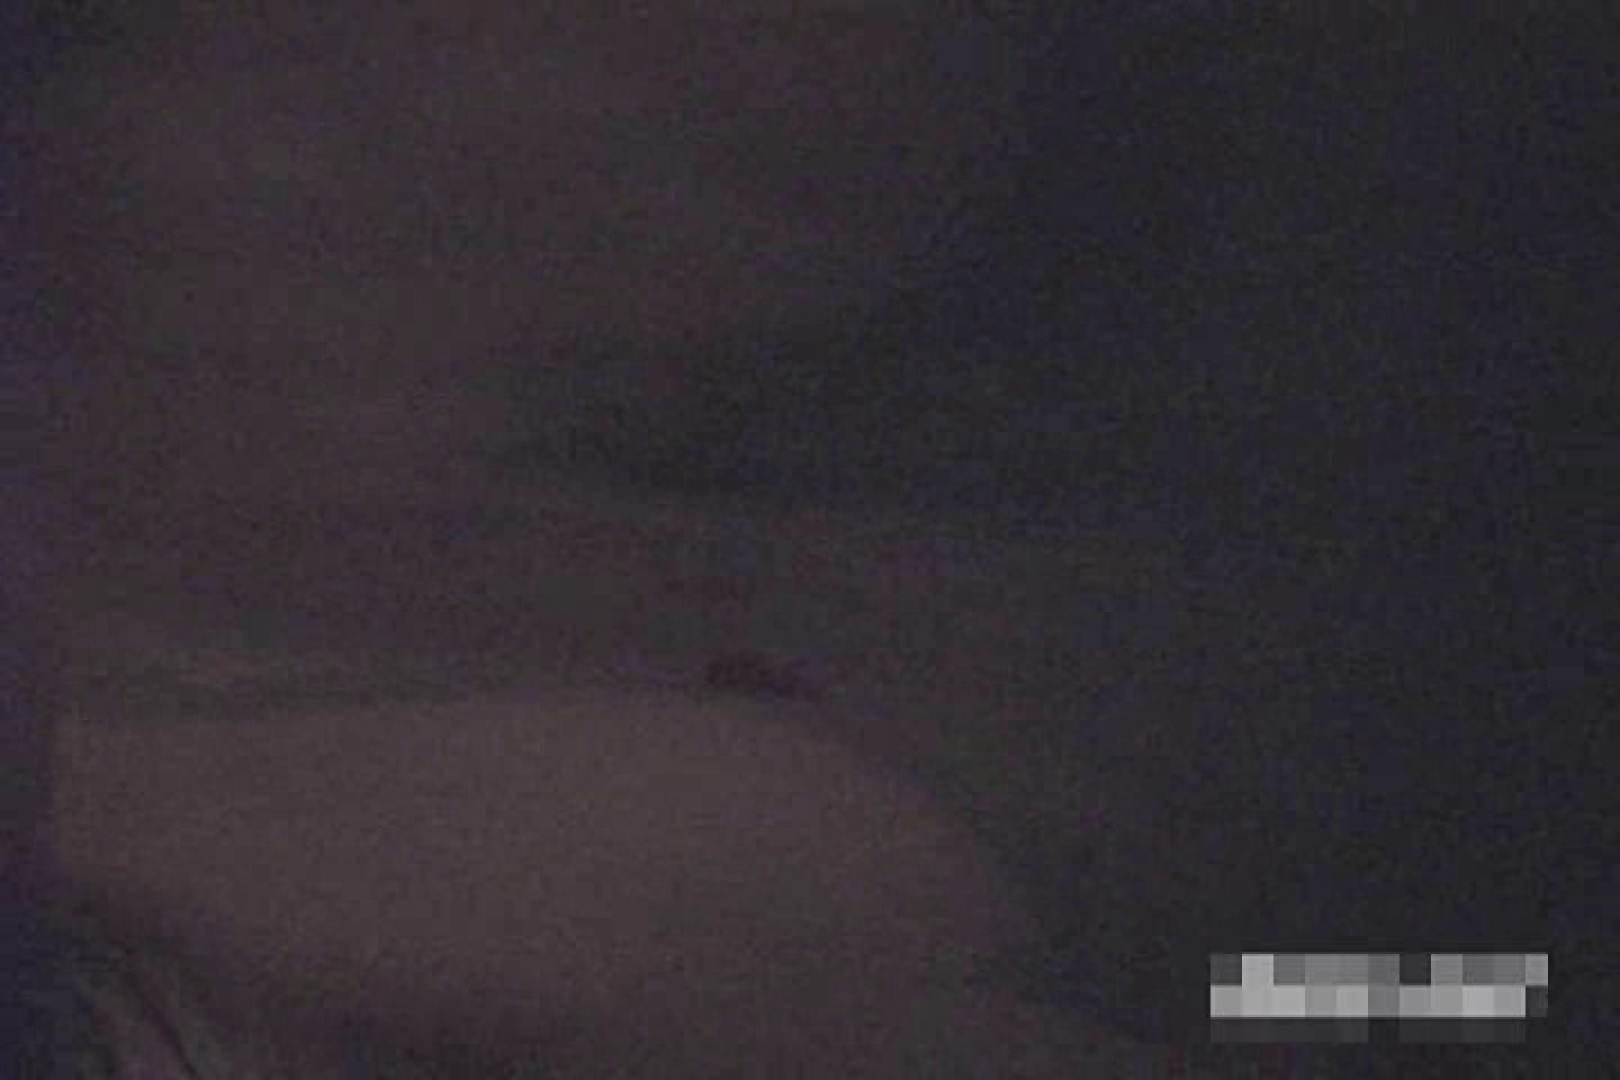 深夜の撮影会Vol.4 お姉さん丸裸 AV無料動画キャプチャ 95pic 33